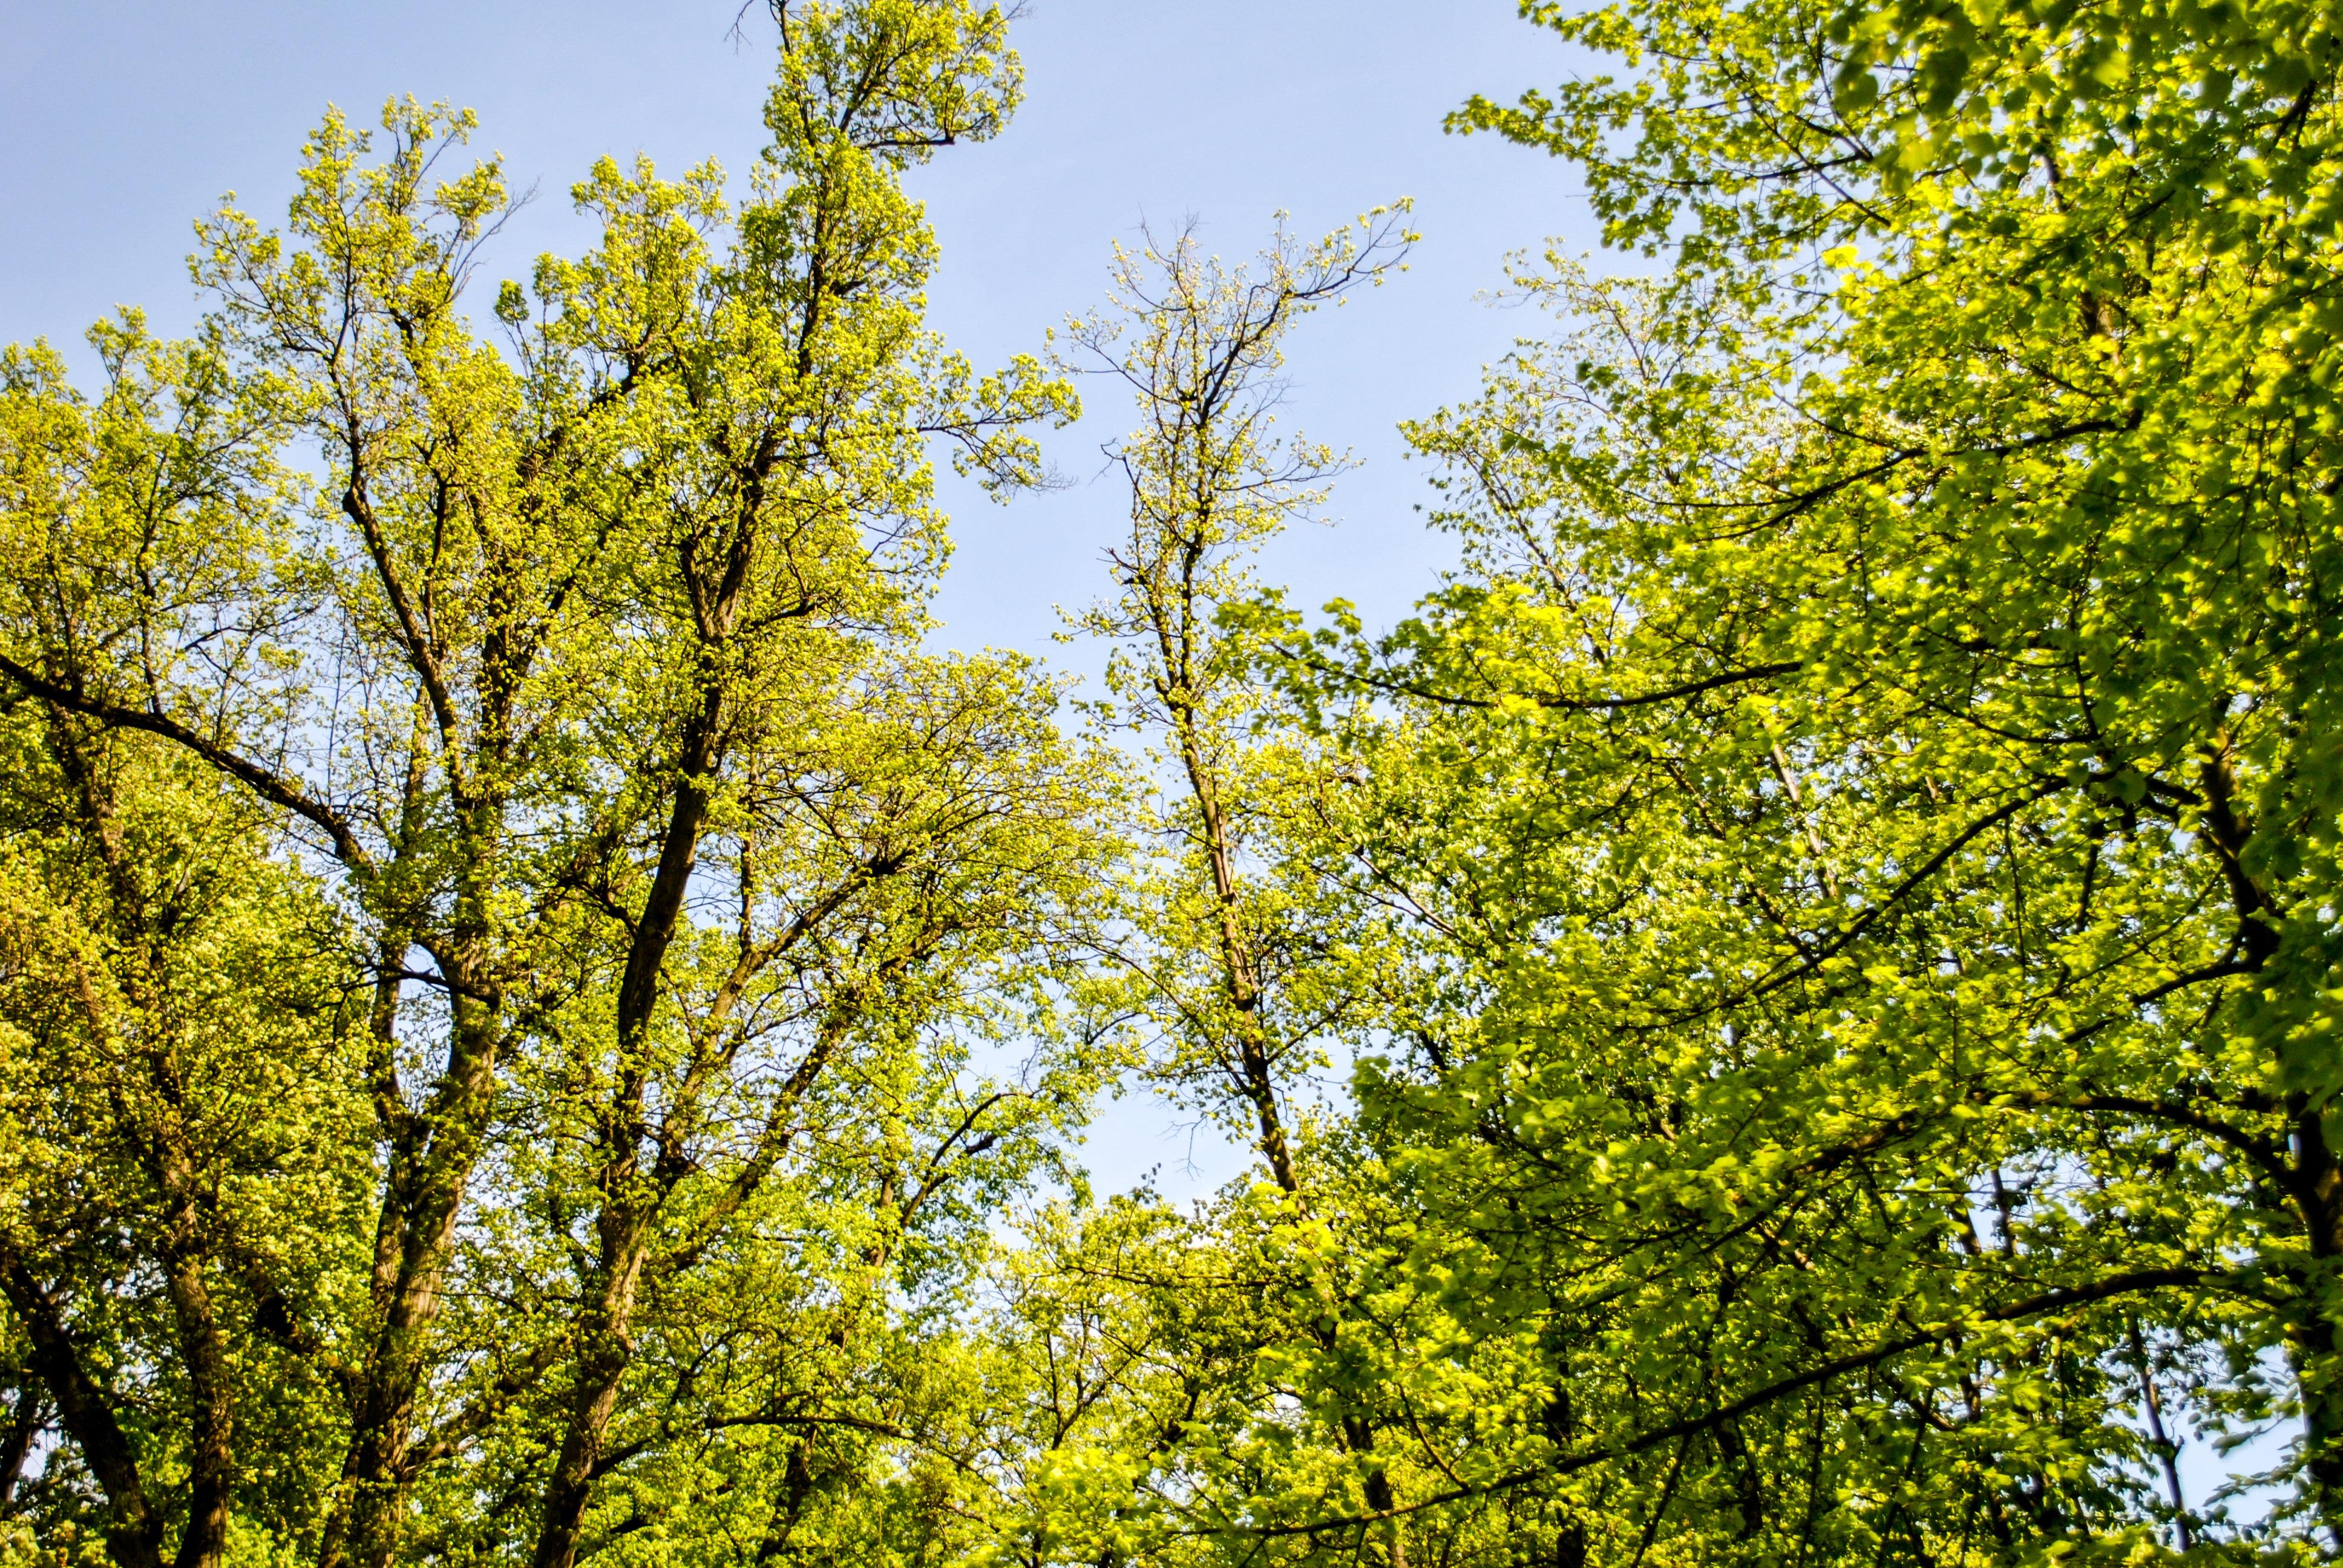 foto de Images Gratuites : arbre, herbe, branche, plante, ciel, lumière du ...